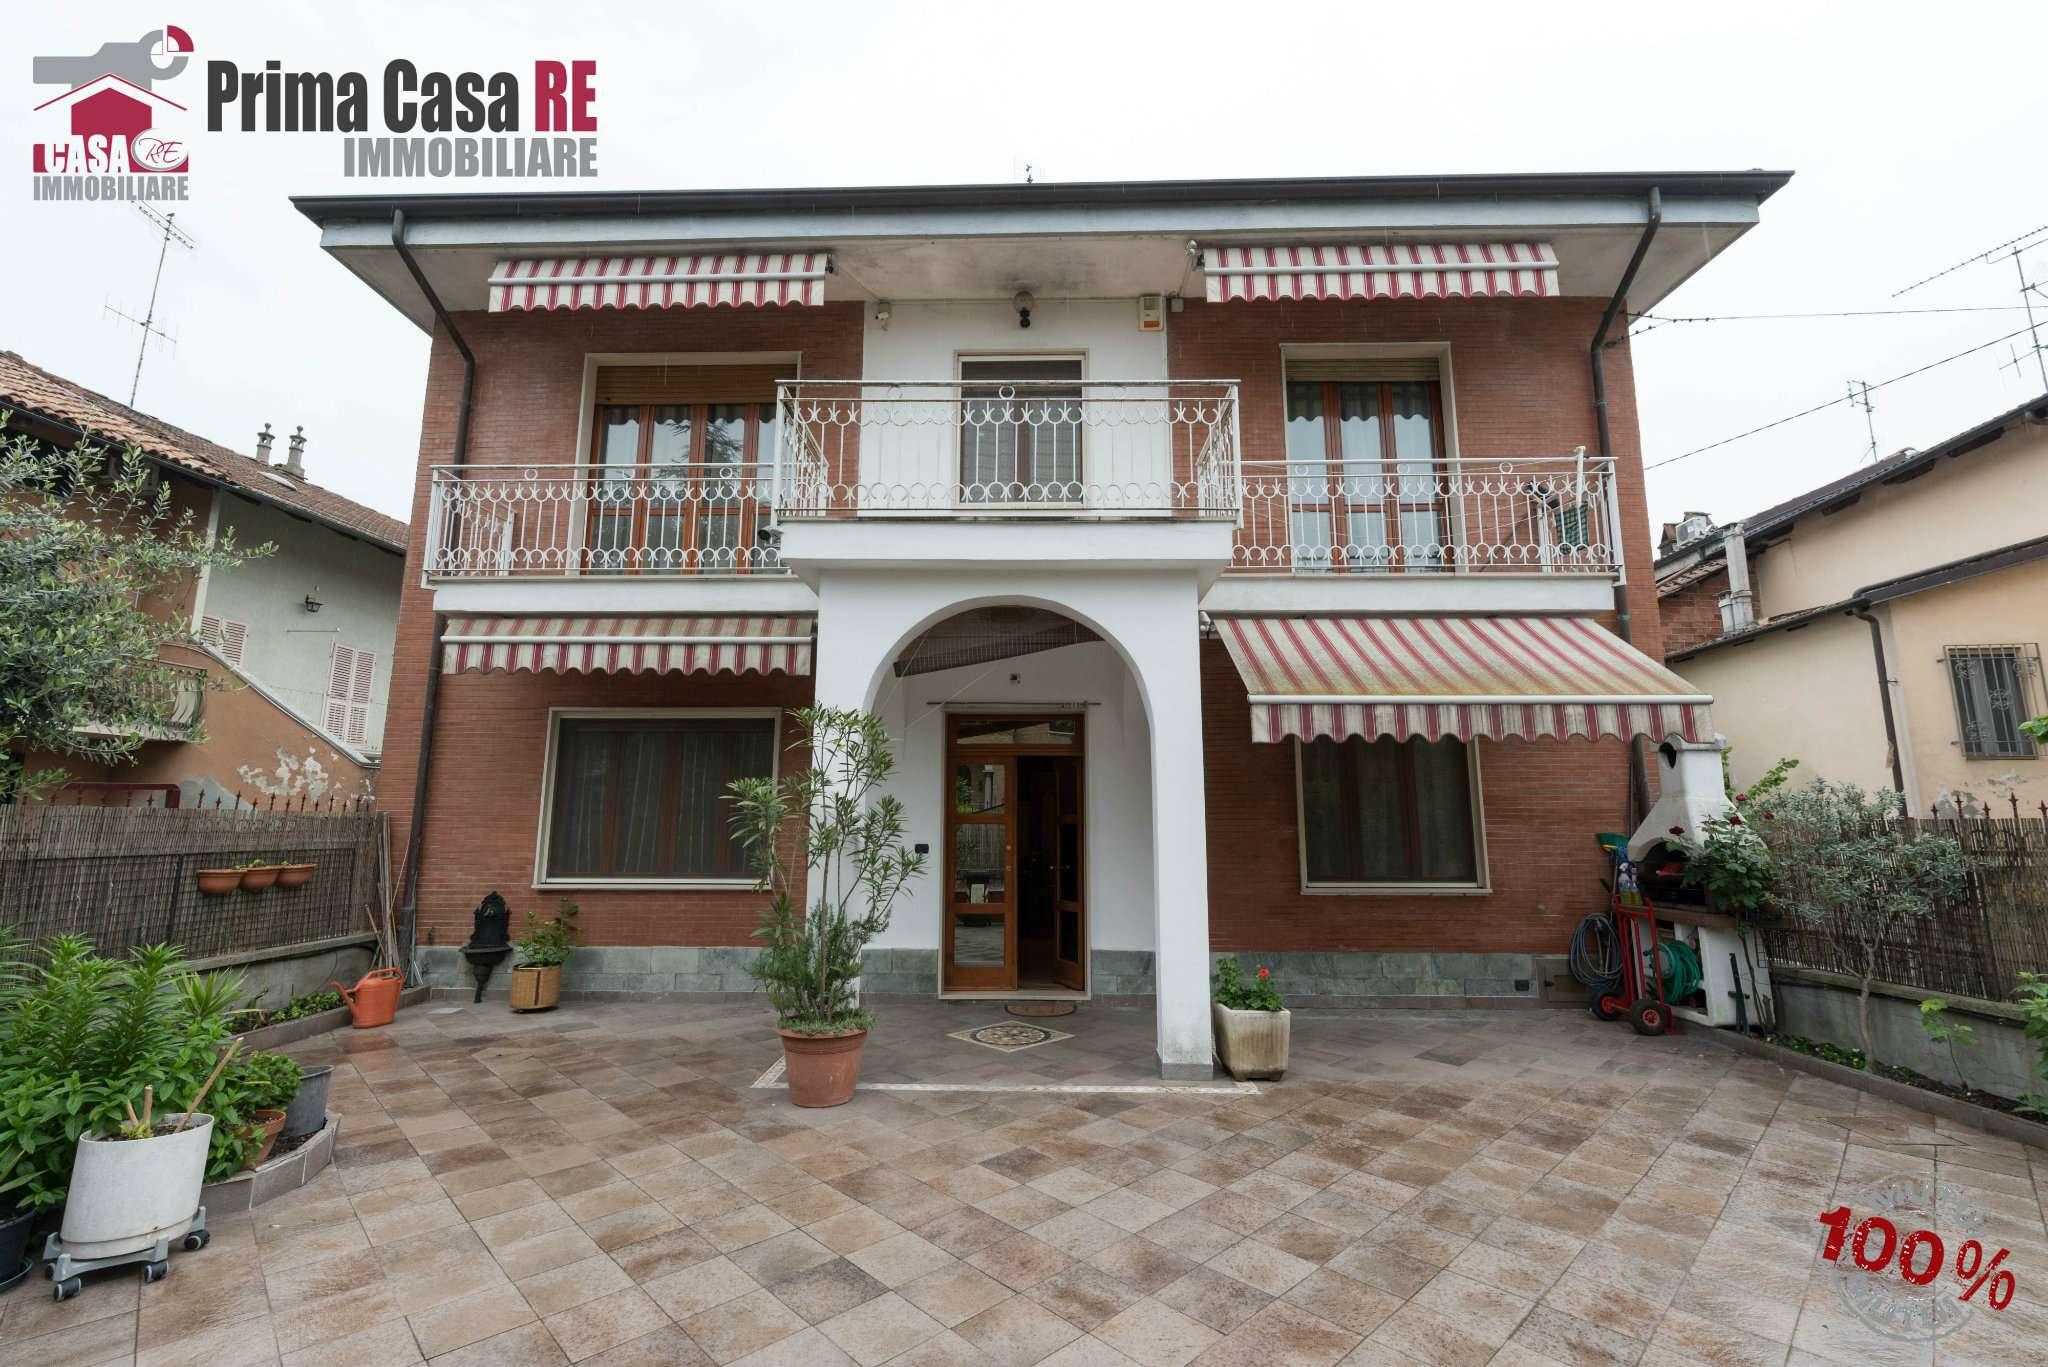 Villa in vendita a Verolengo, 4 locali, prezzo € 210.000 | CambioCasa.it